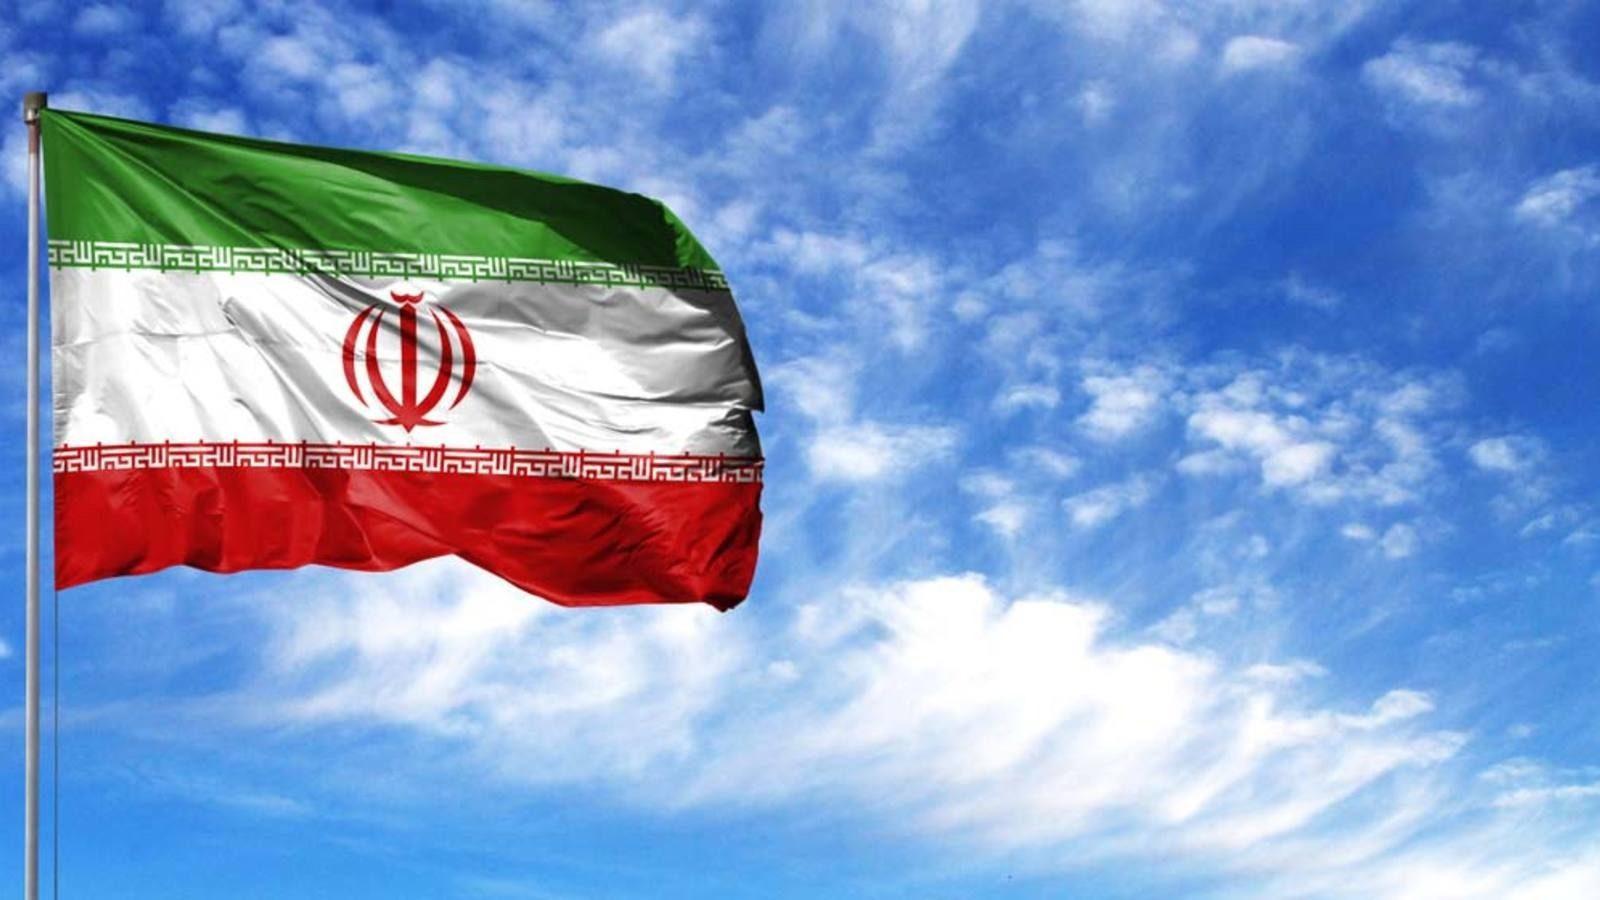 عکس پرچم ایران در حال حرکت در آسمان آبی و ابر